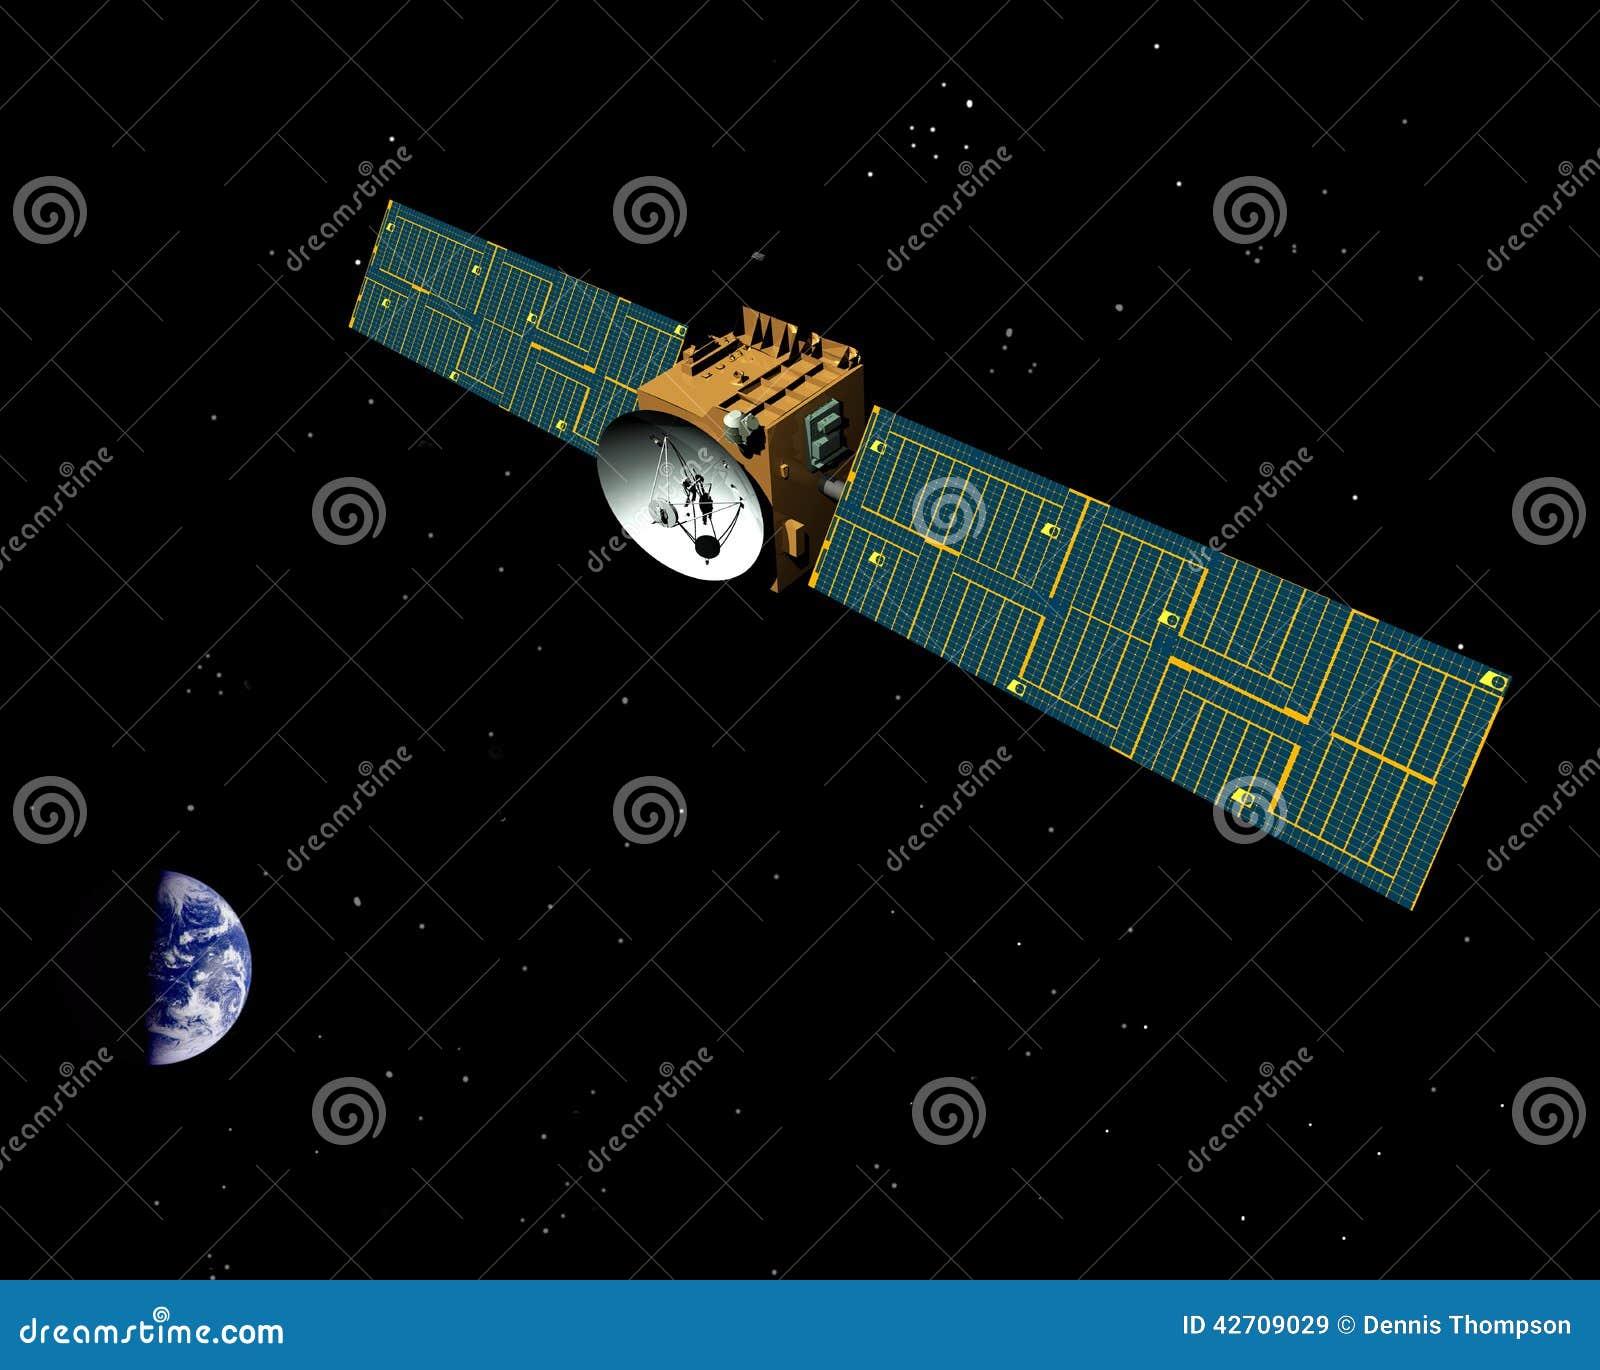 Nachrichtensatellit im Platz